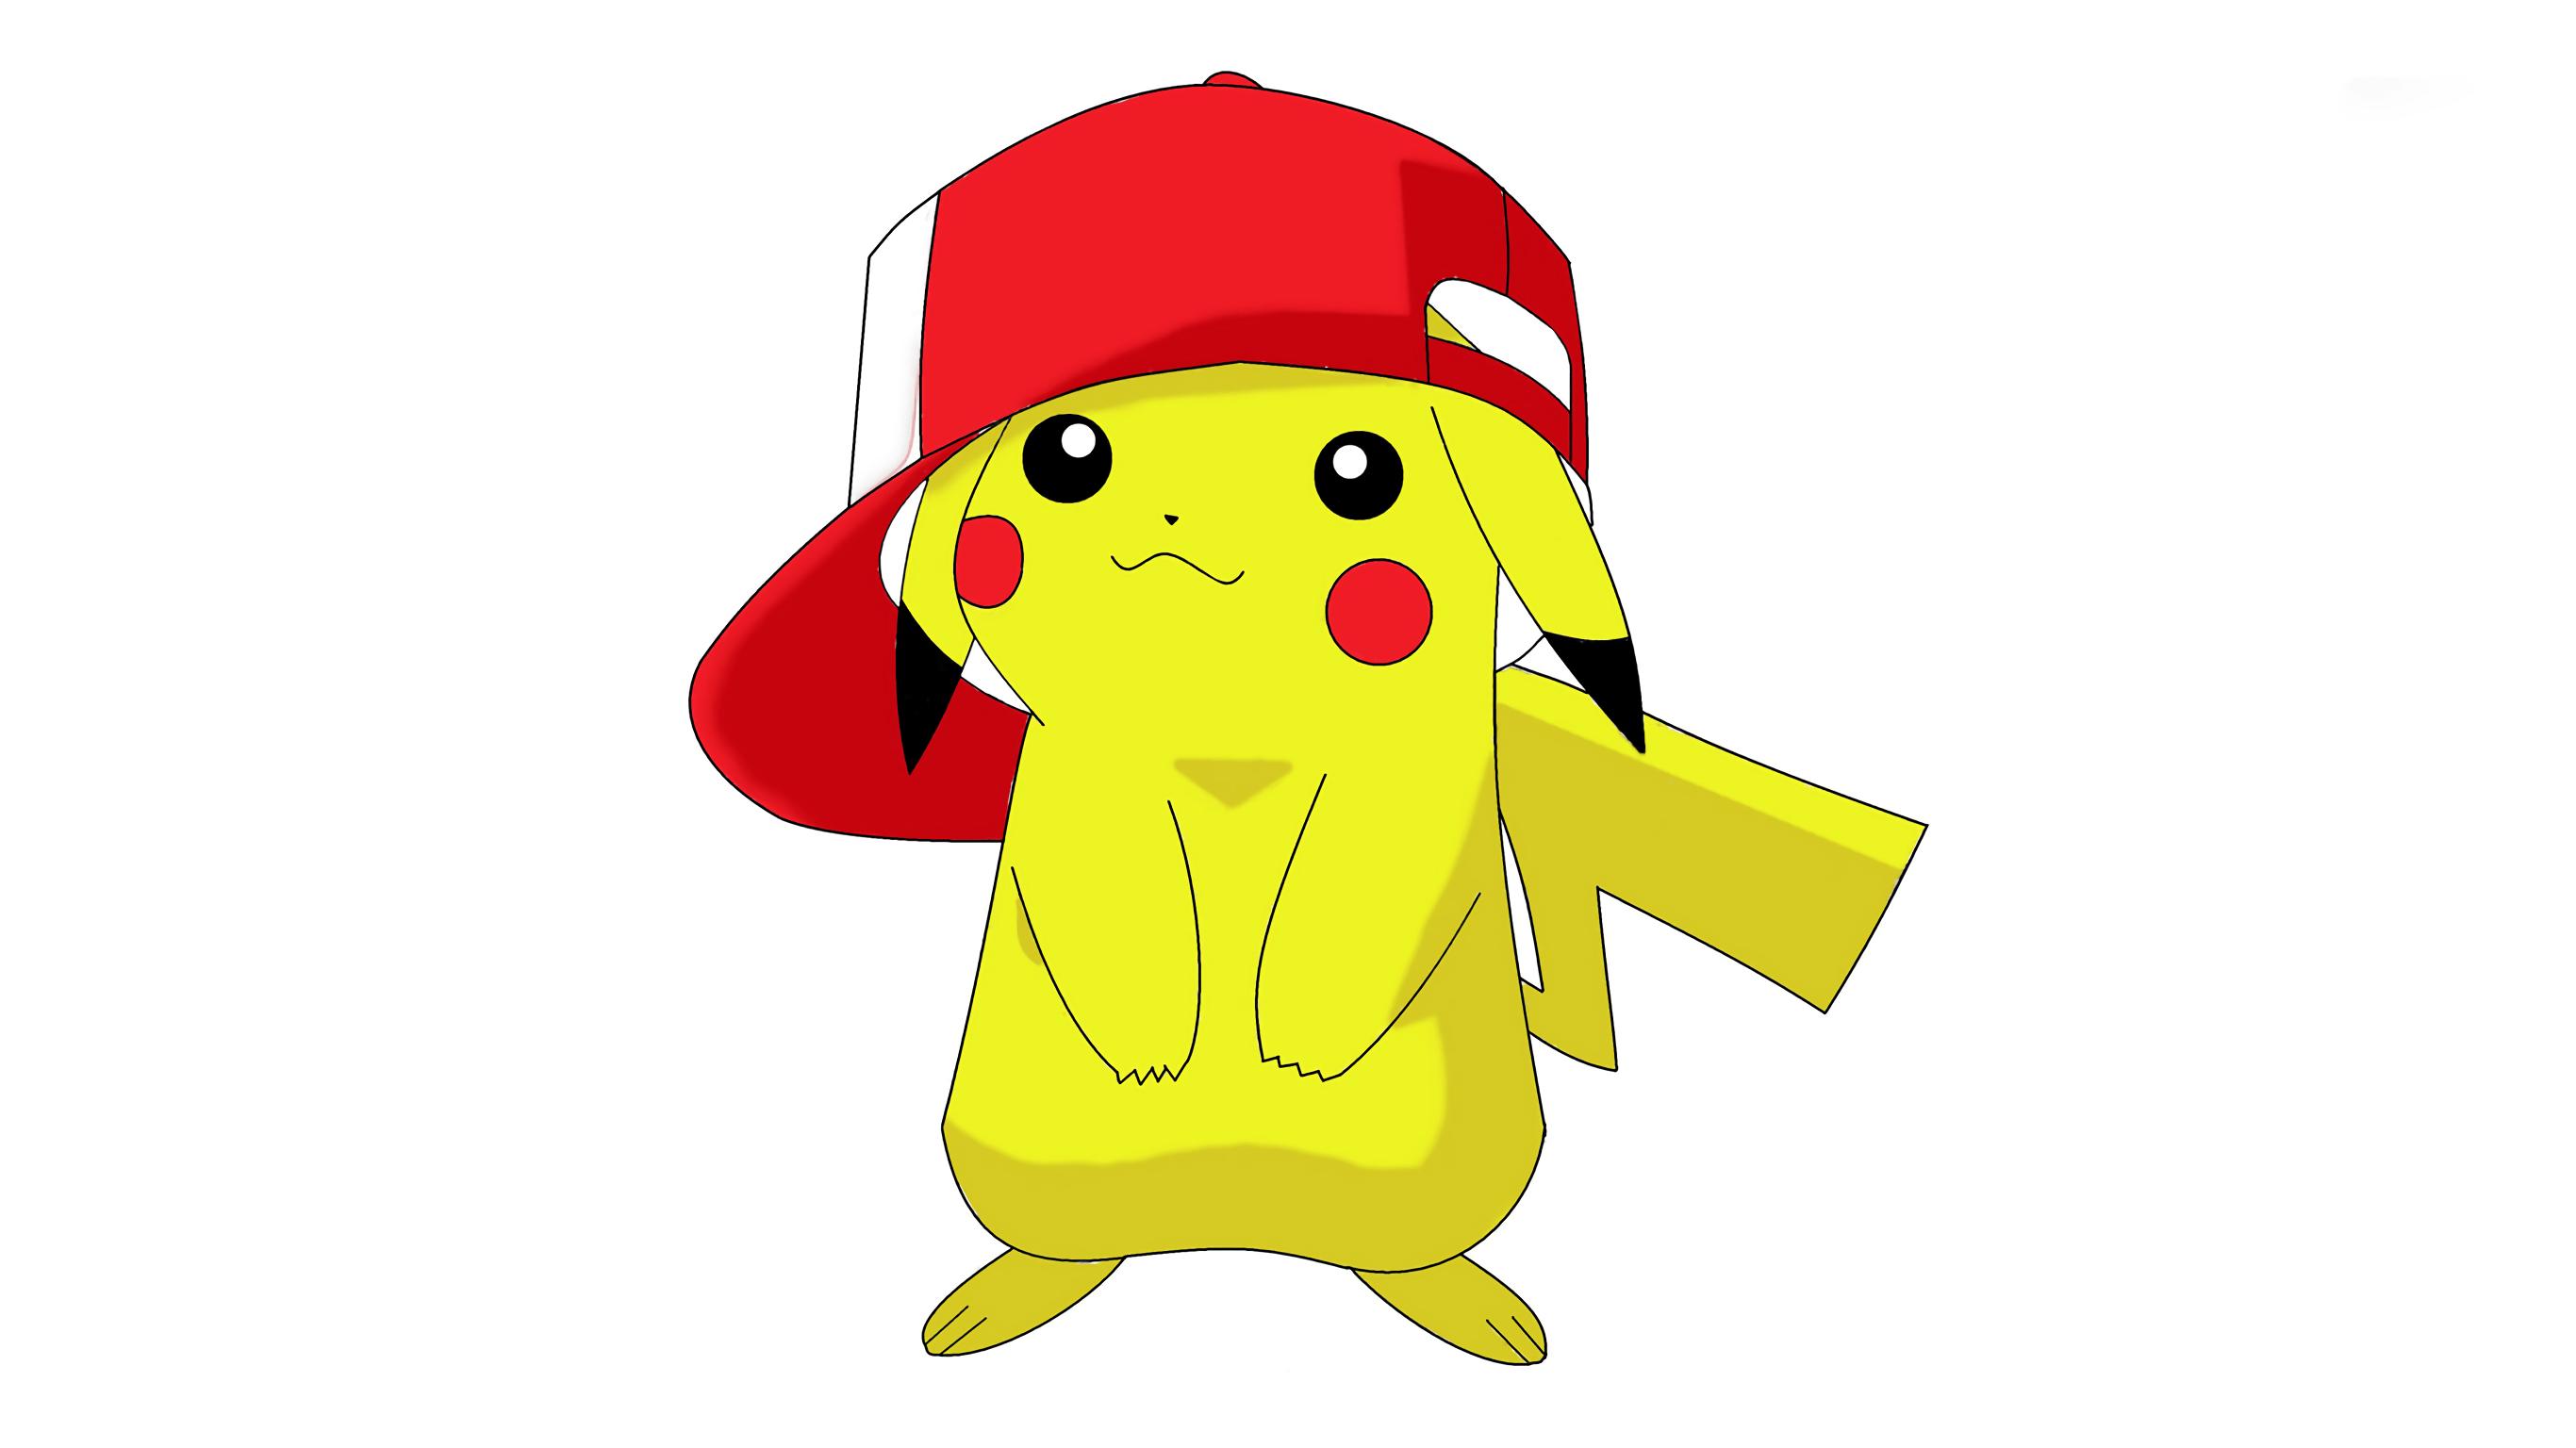 2732x1536 Hình nền Pikachu dễ thương miễn phí Full HD tại Phim Monodomo